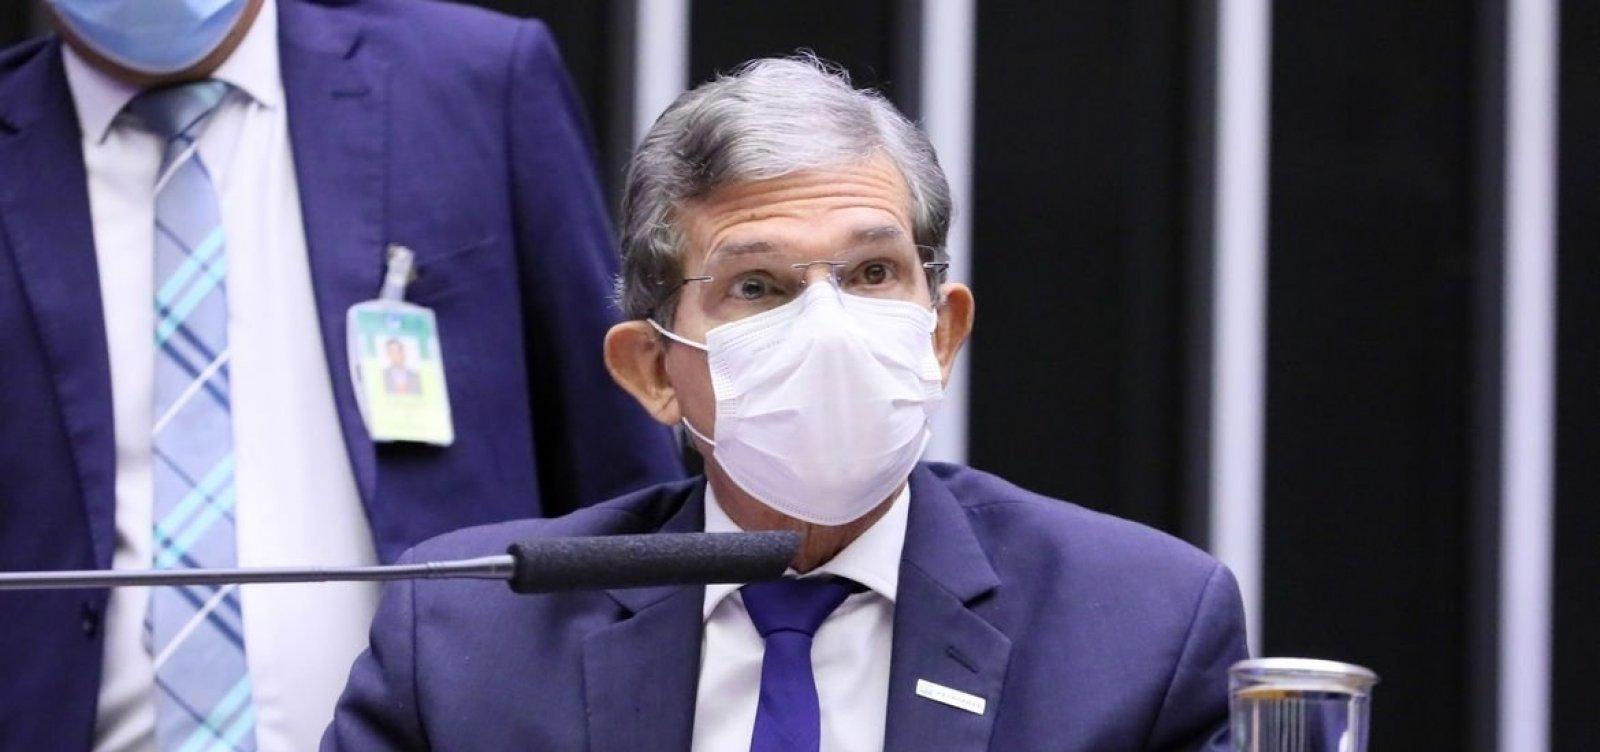 Presidente da Petrobras diz que não haverá mudança na política de preços da empresa